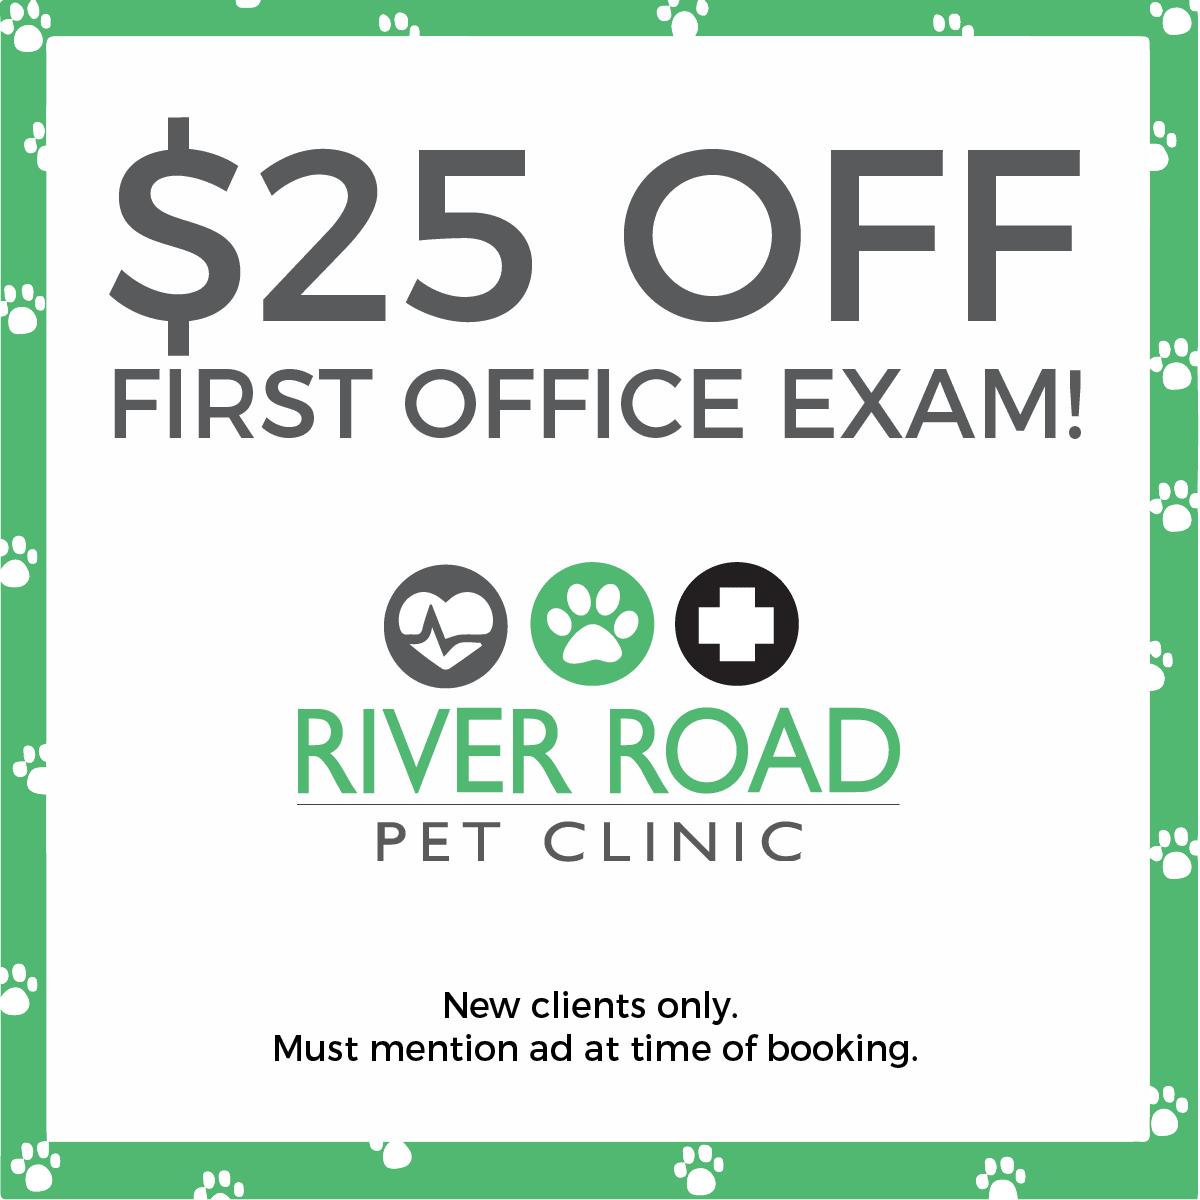 River Road Pet Clinic